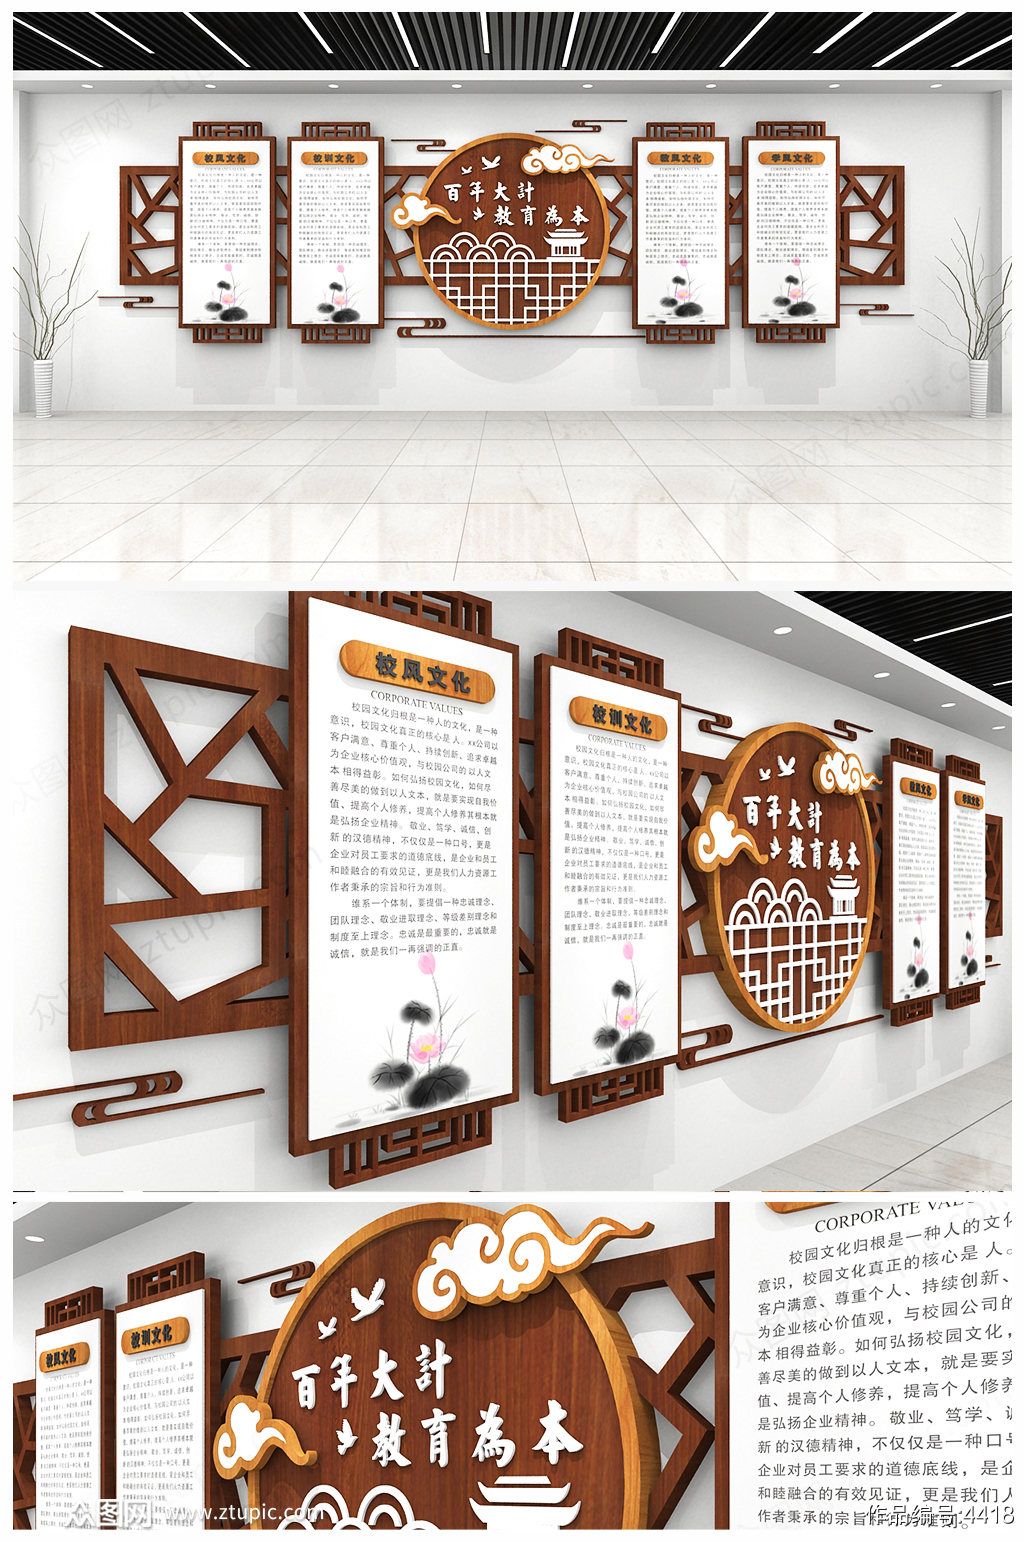 原创简约中式德智体美劳校园文化墙模板设计素材